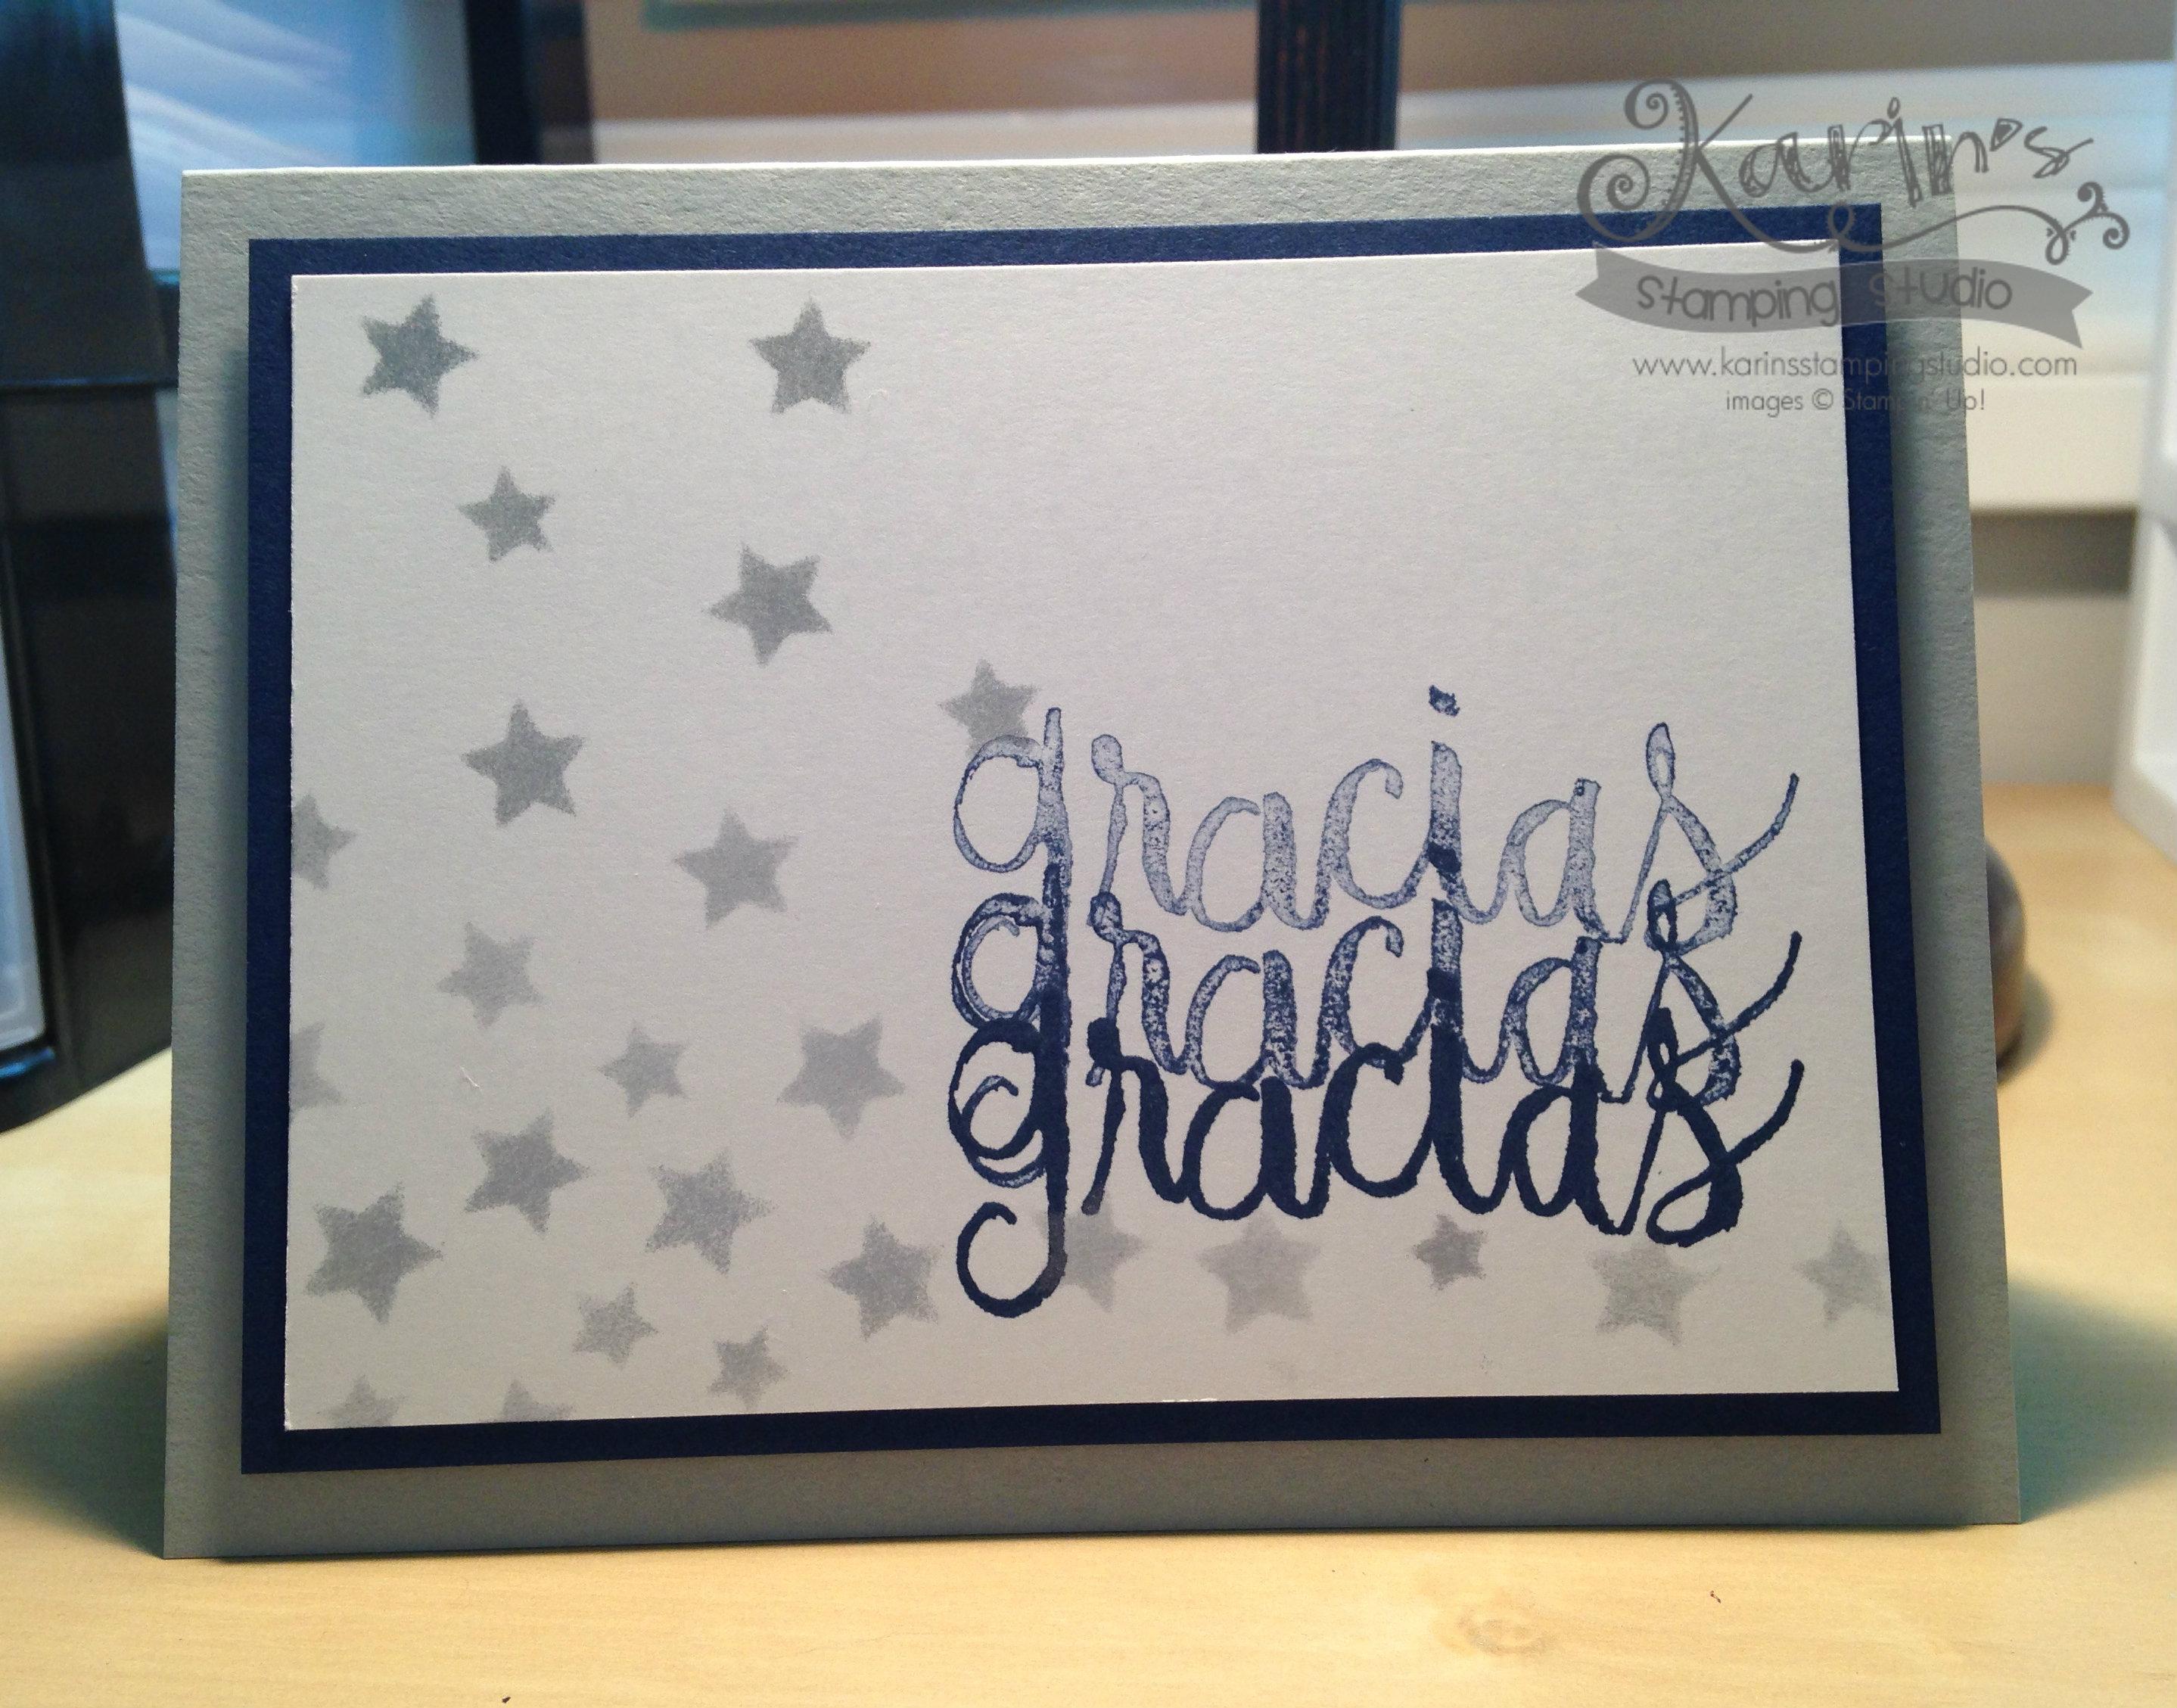 Gracias with watermark